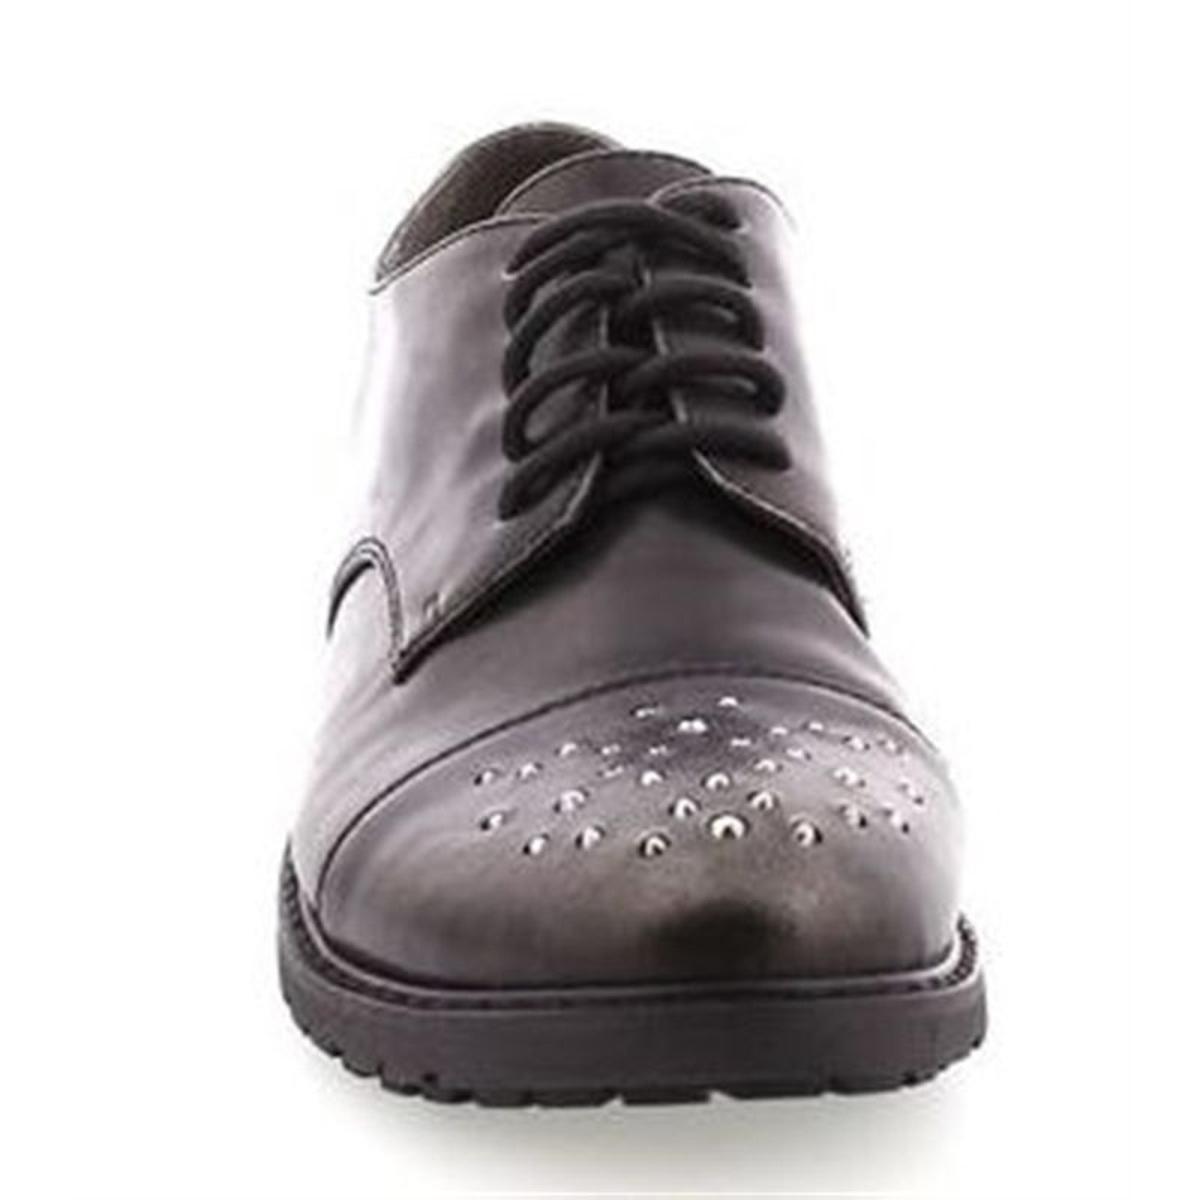 chaussures à lacets simili cuir